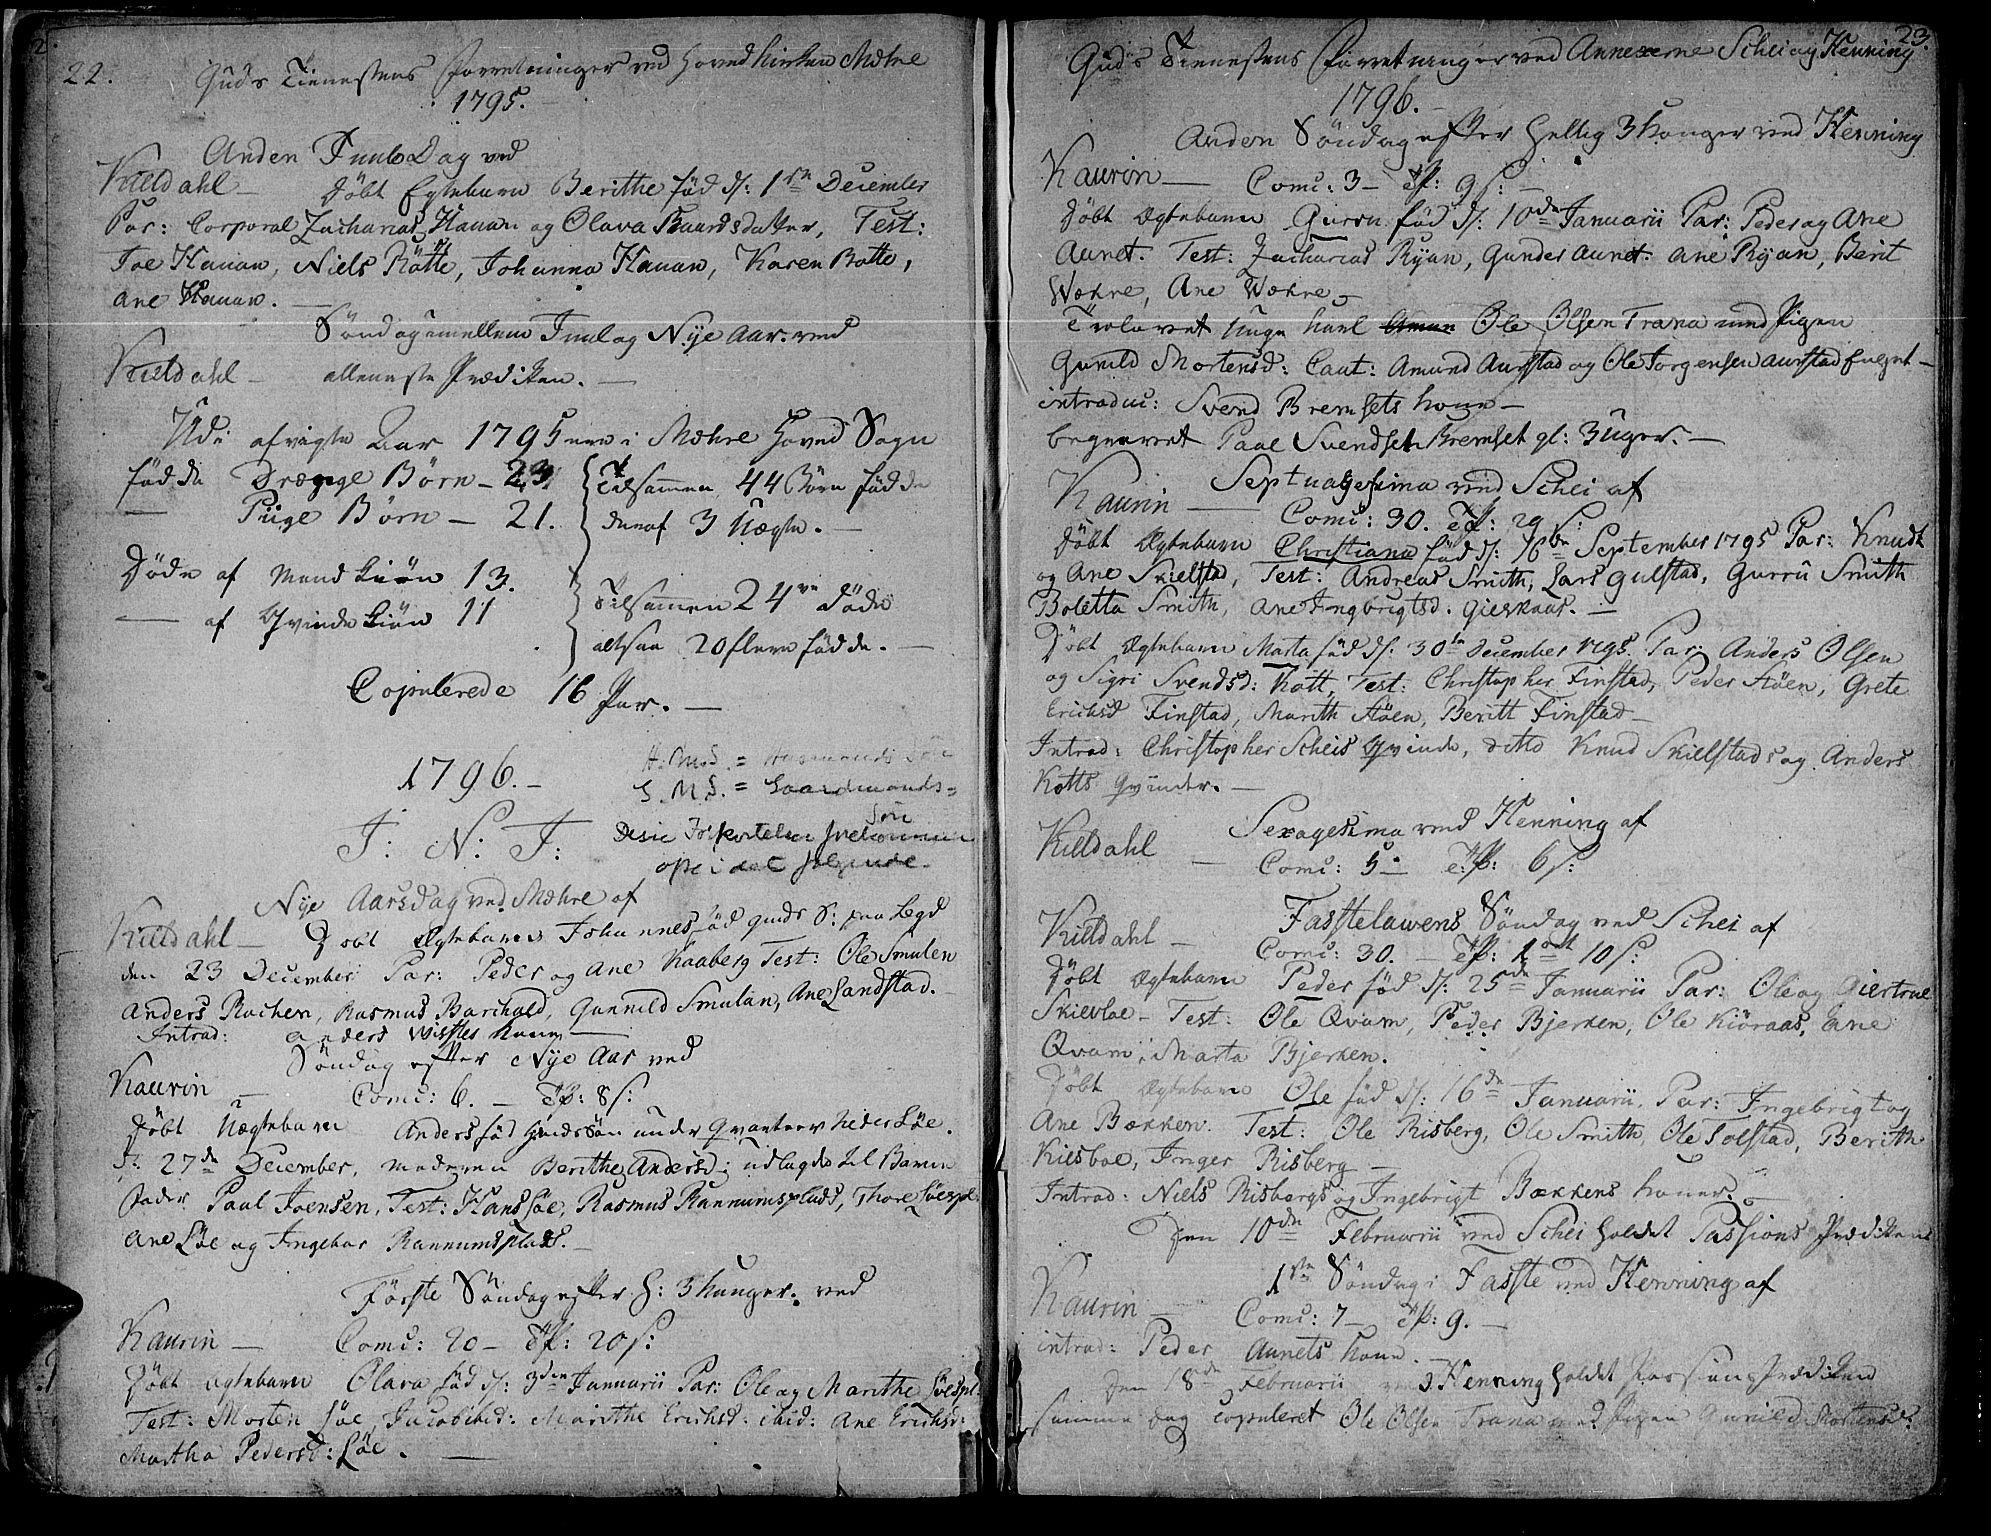 SAT, Ministerialprotokoller, klokkerbøker og fødselsregistre - Nord-Trøndelag, 735/L0332: Ministerialbok nr. 735A03, 1795-1816, s. 22-23